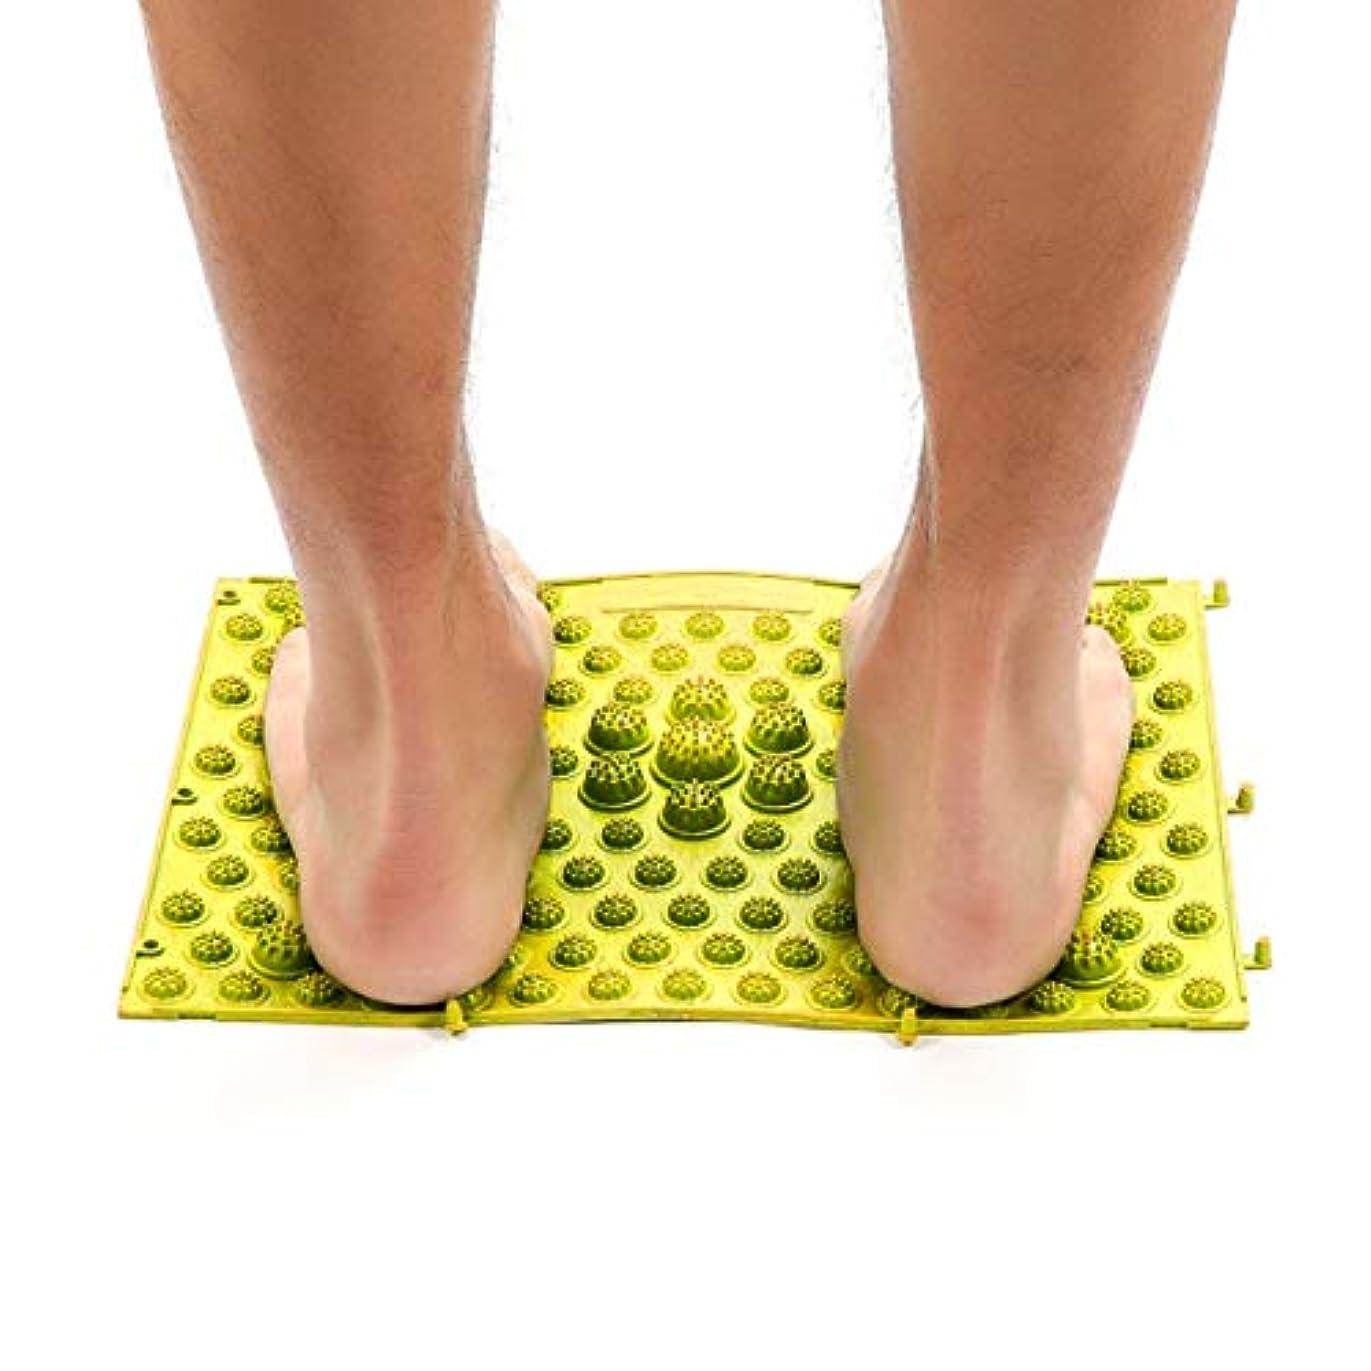 期待する強制的アクションAcupressure Foot Mats Running Man Game Same Type Foot Reflexology Walking Massage Mat for Pain Relief Stress Relief...